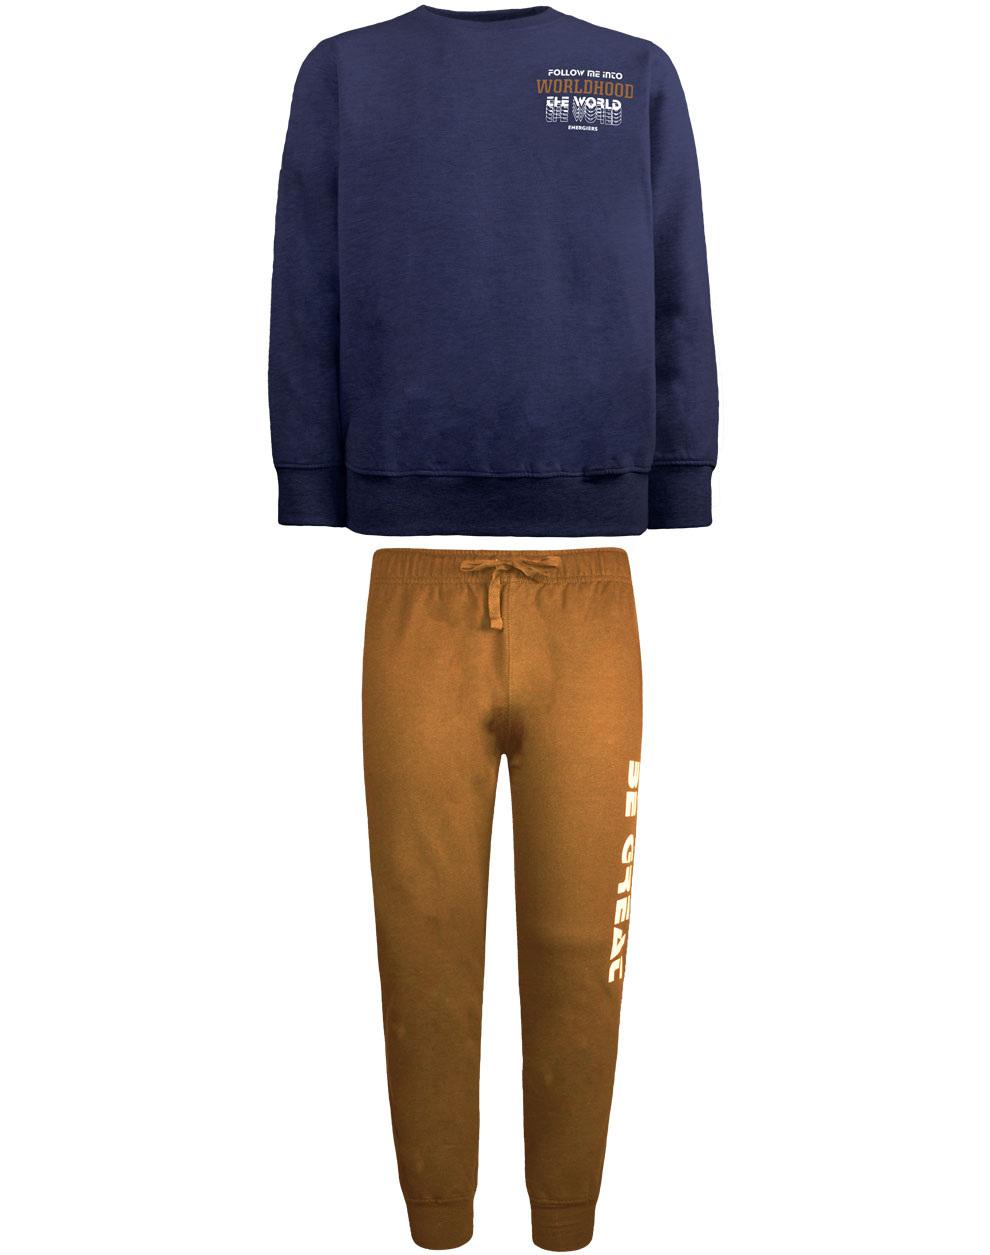 Φόρμα φούτερ βαμβακερή με τύπωμα στο παντελόνι 13-120086-0 - ΤΑΜΠΑ - 17908-37/12/327/106